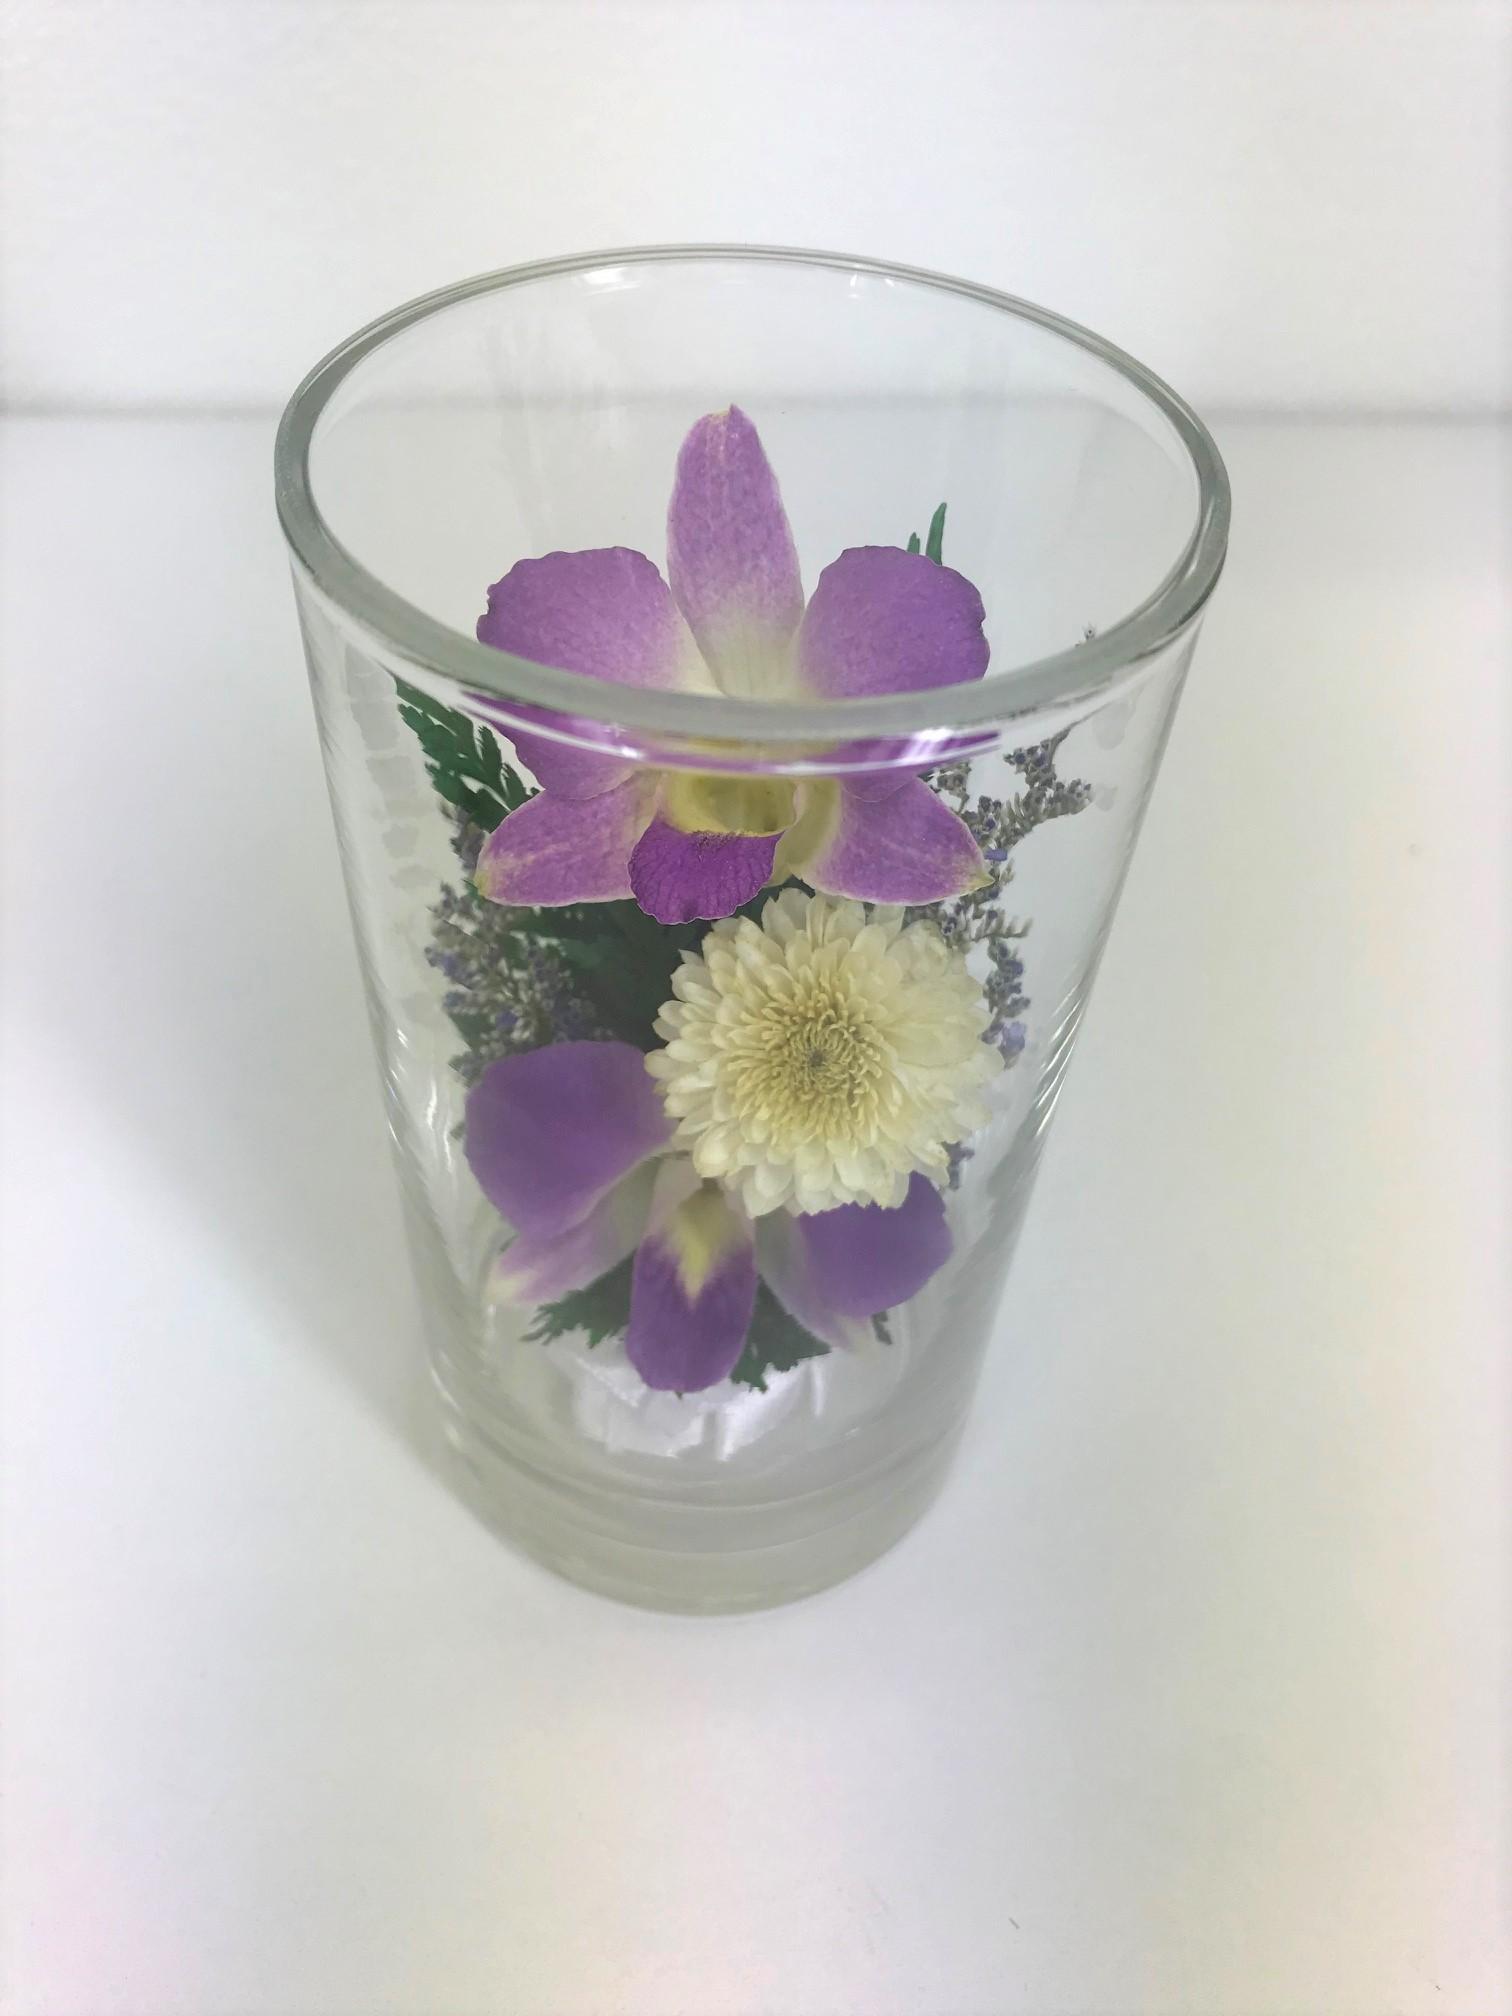 お盆のお供えに 仏花 ドライフラワー 双紫(そうし) 1個 - 4